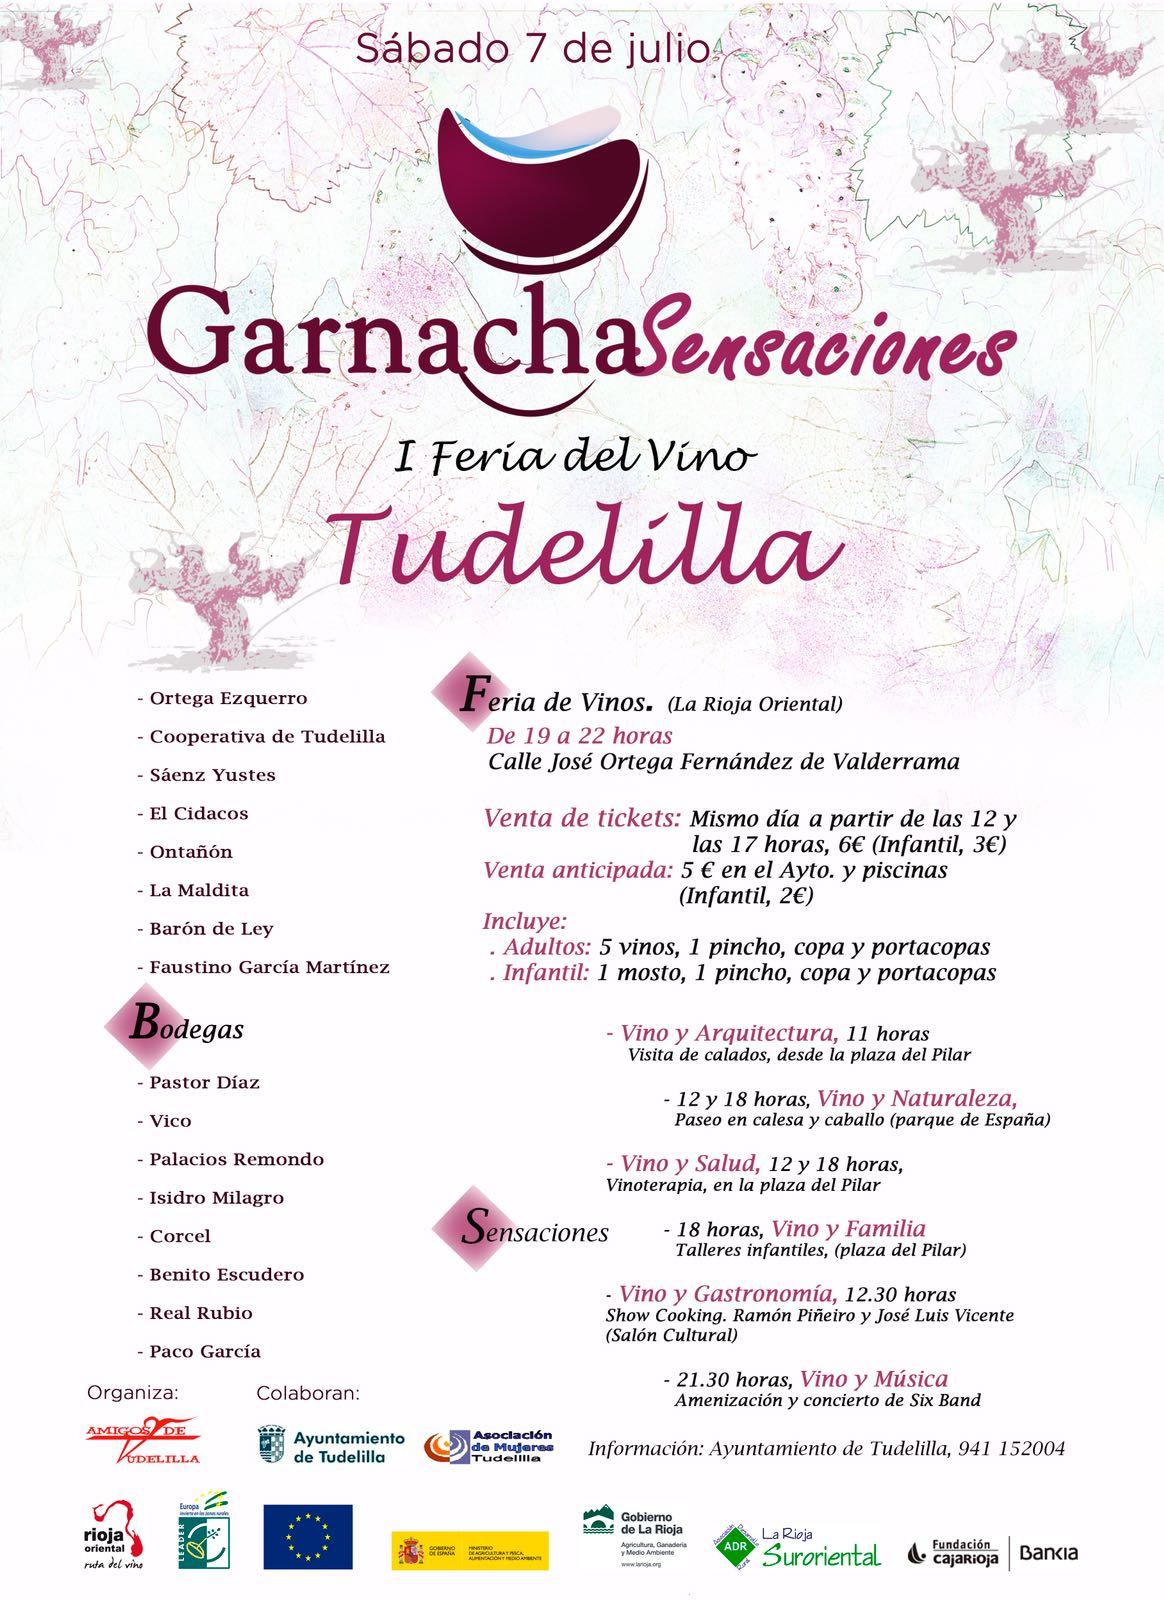 Garnacha Sensaciones, I Feria de Vino de Tudelilla